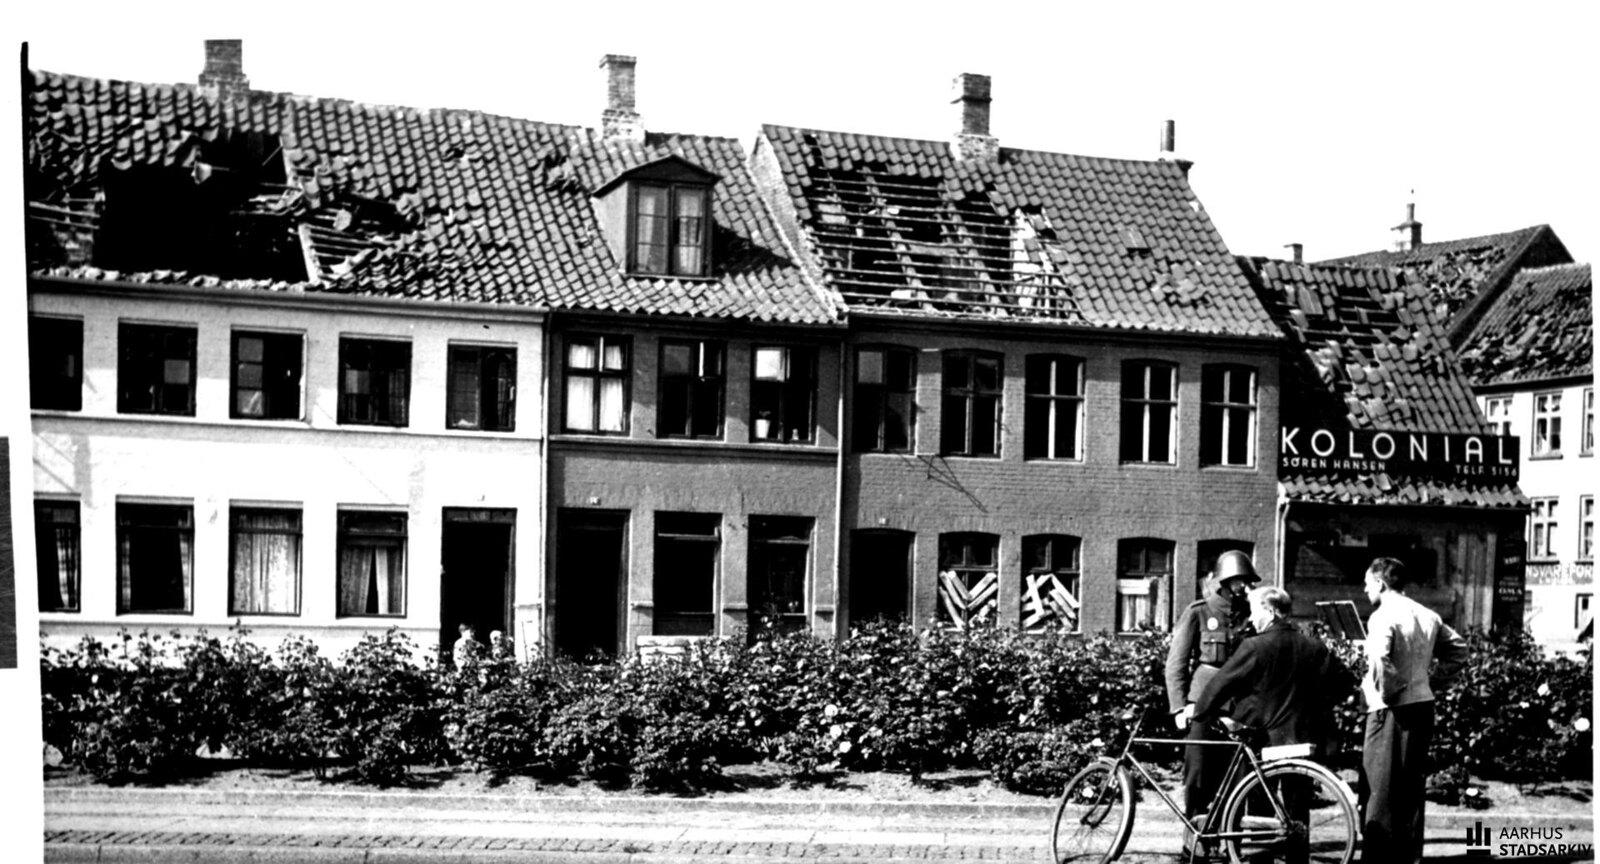 1944. Разрушения в порту Орхуса после 4 июля, когда  взорвалась немецкая баржа с боеприпасами.